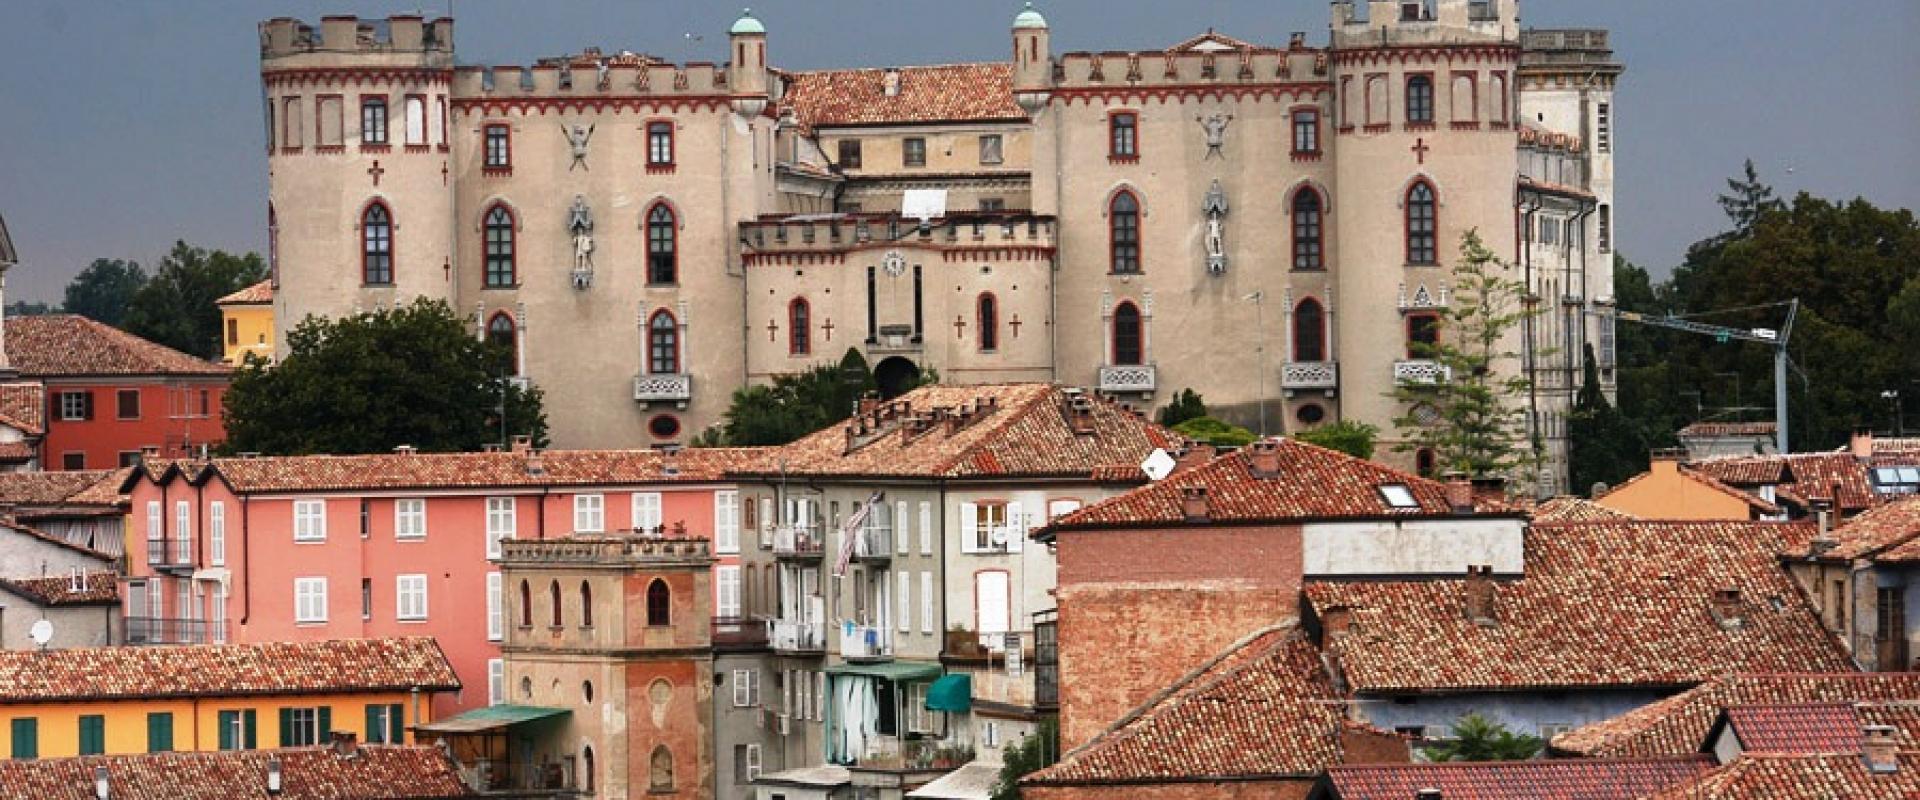 Asti castello di Costigliole